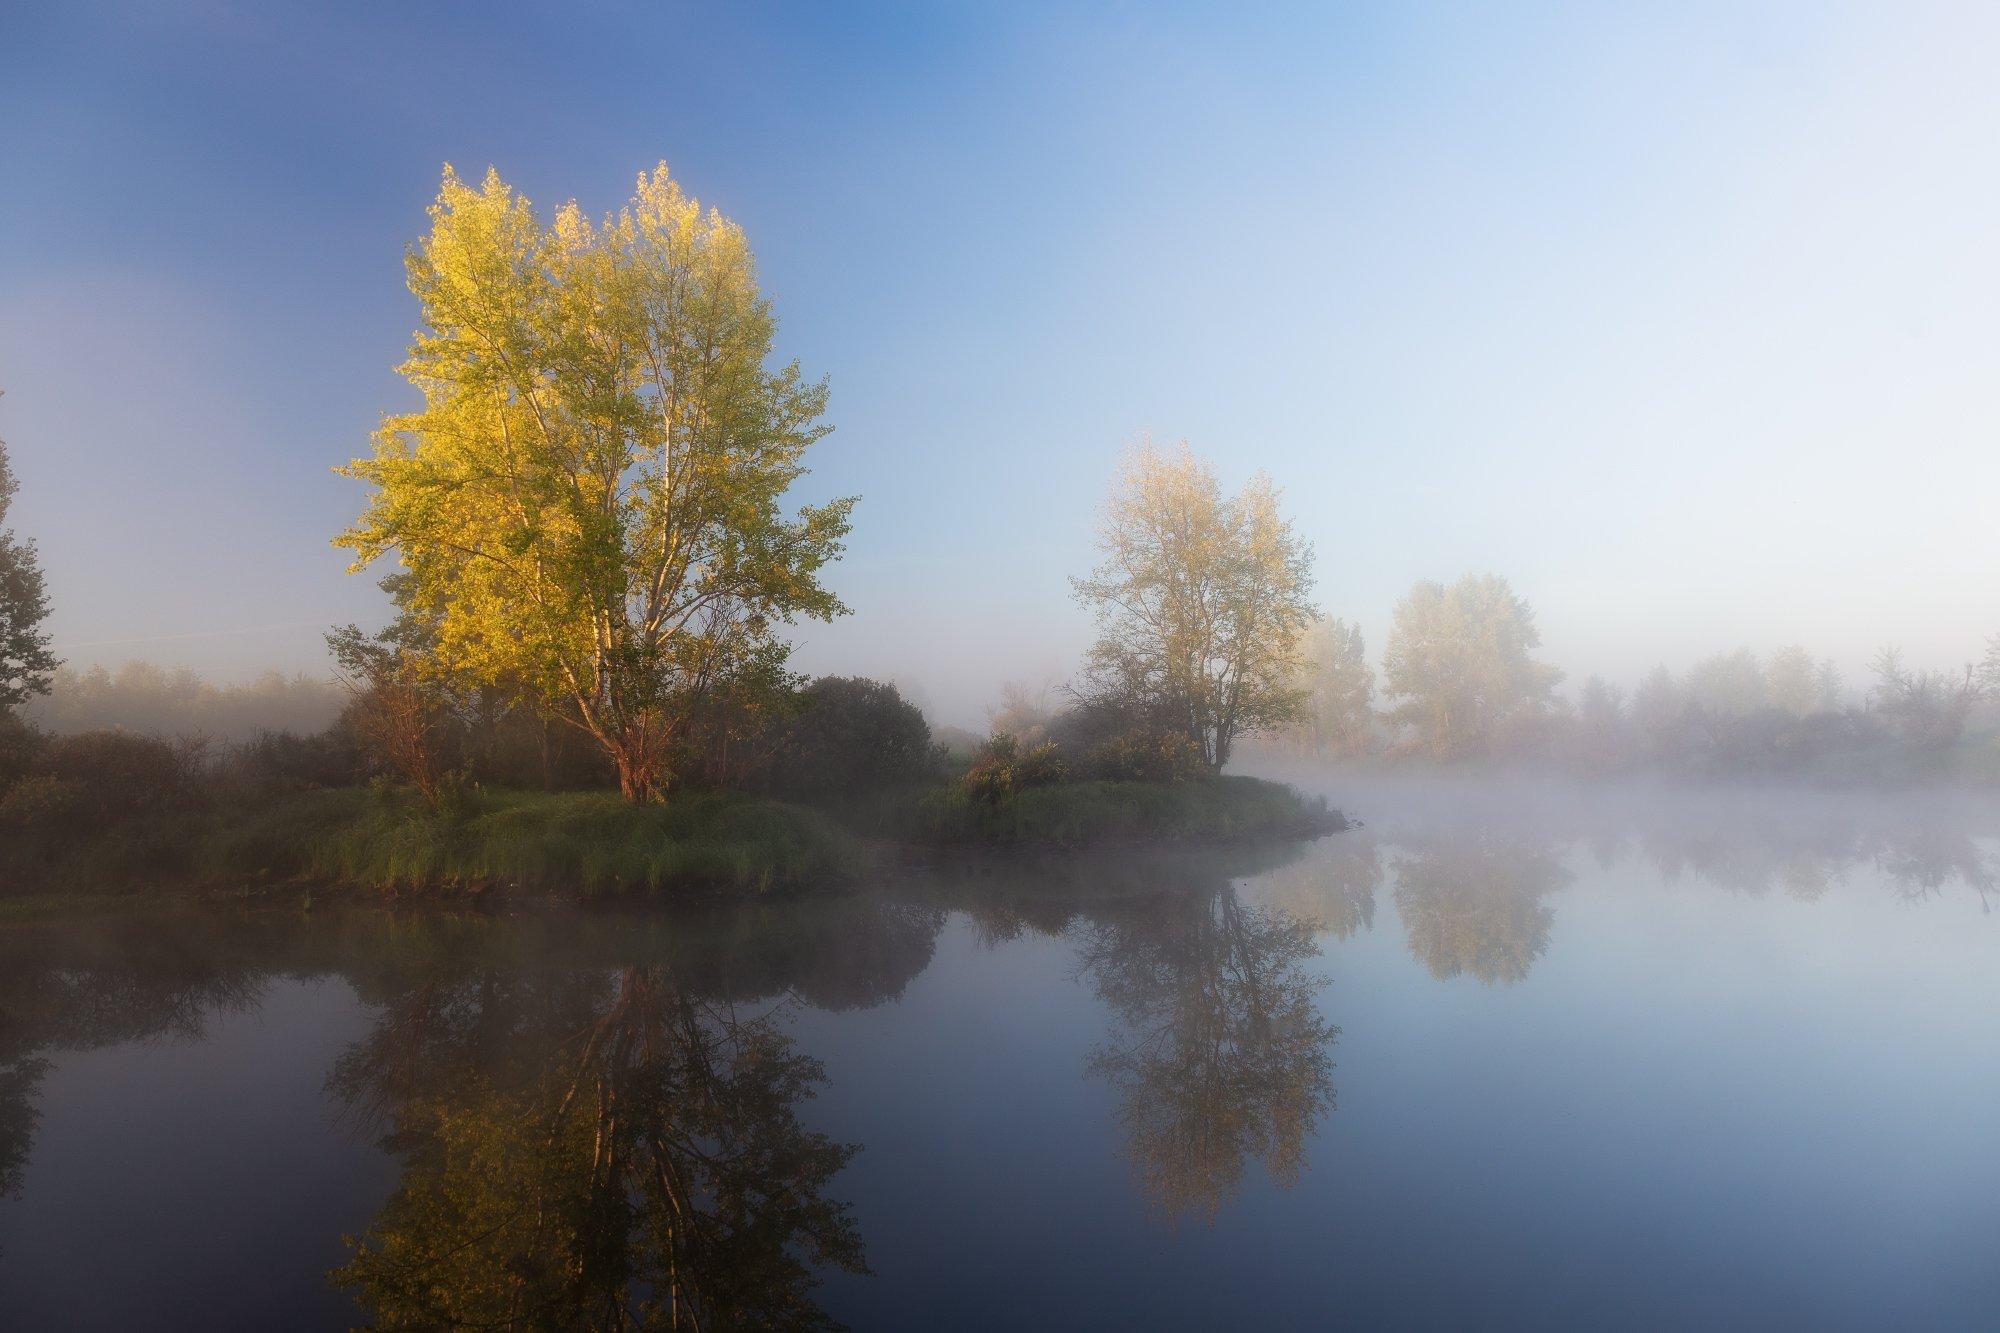 утро, туман, протока, деревья, отражения,  Гобова Наталья